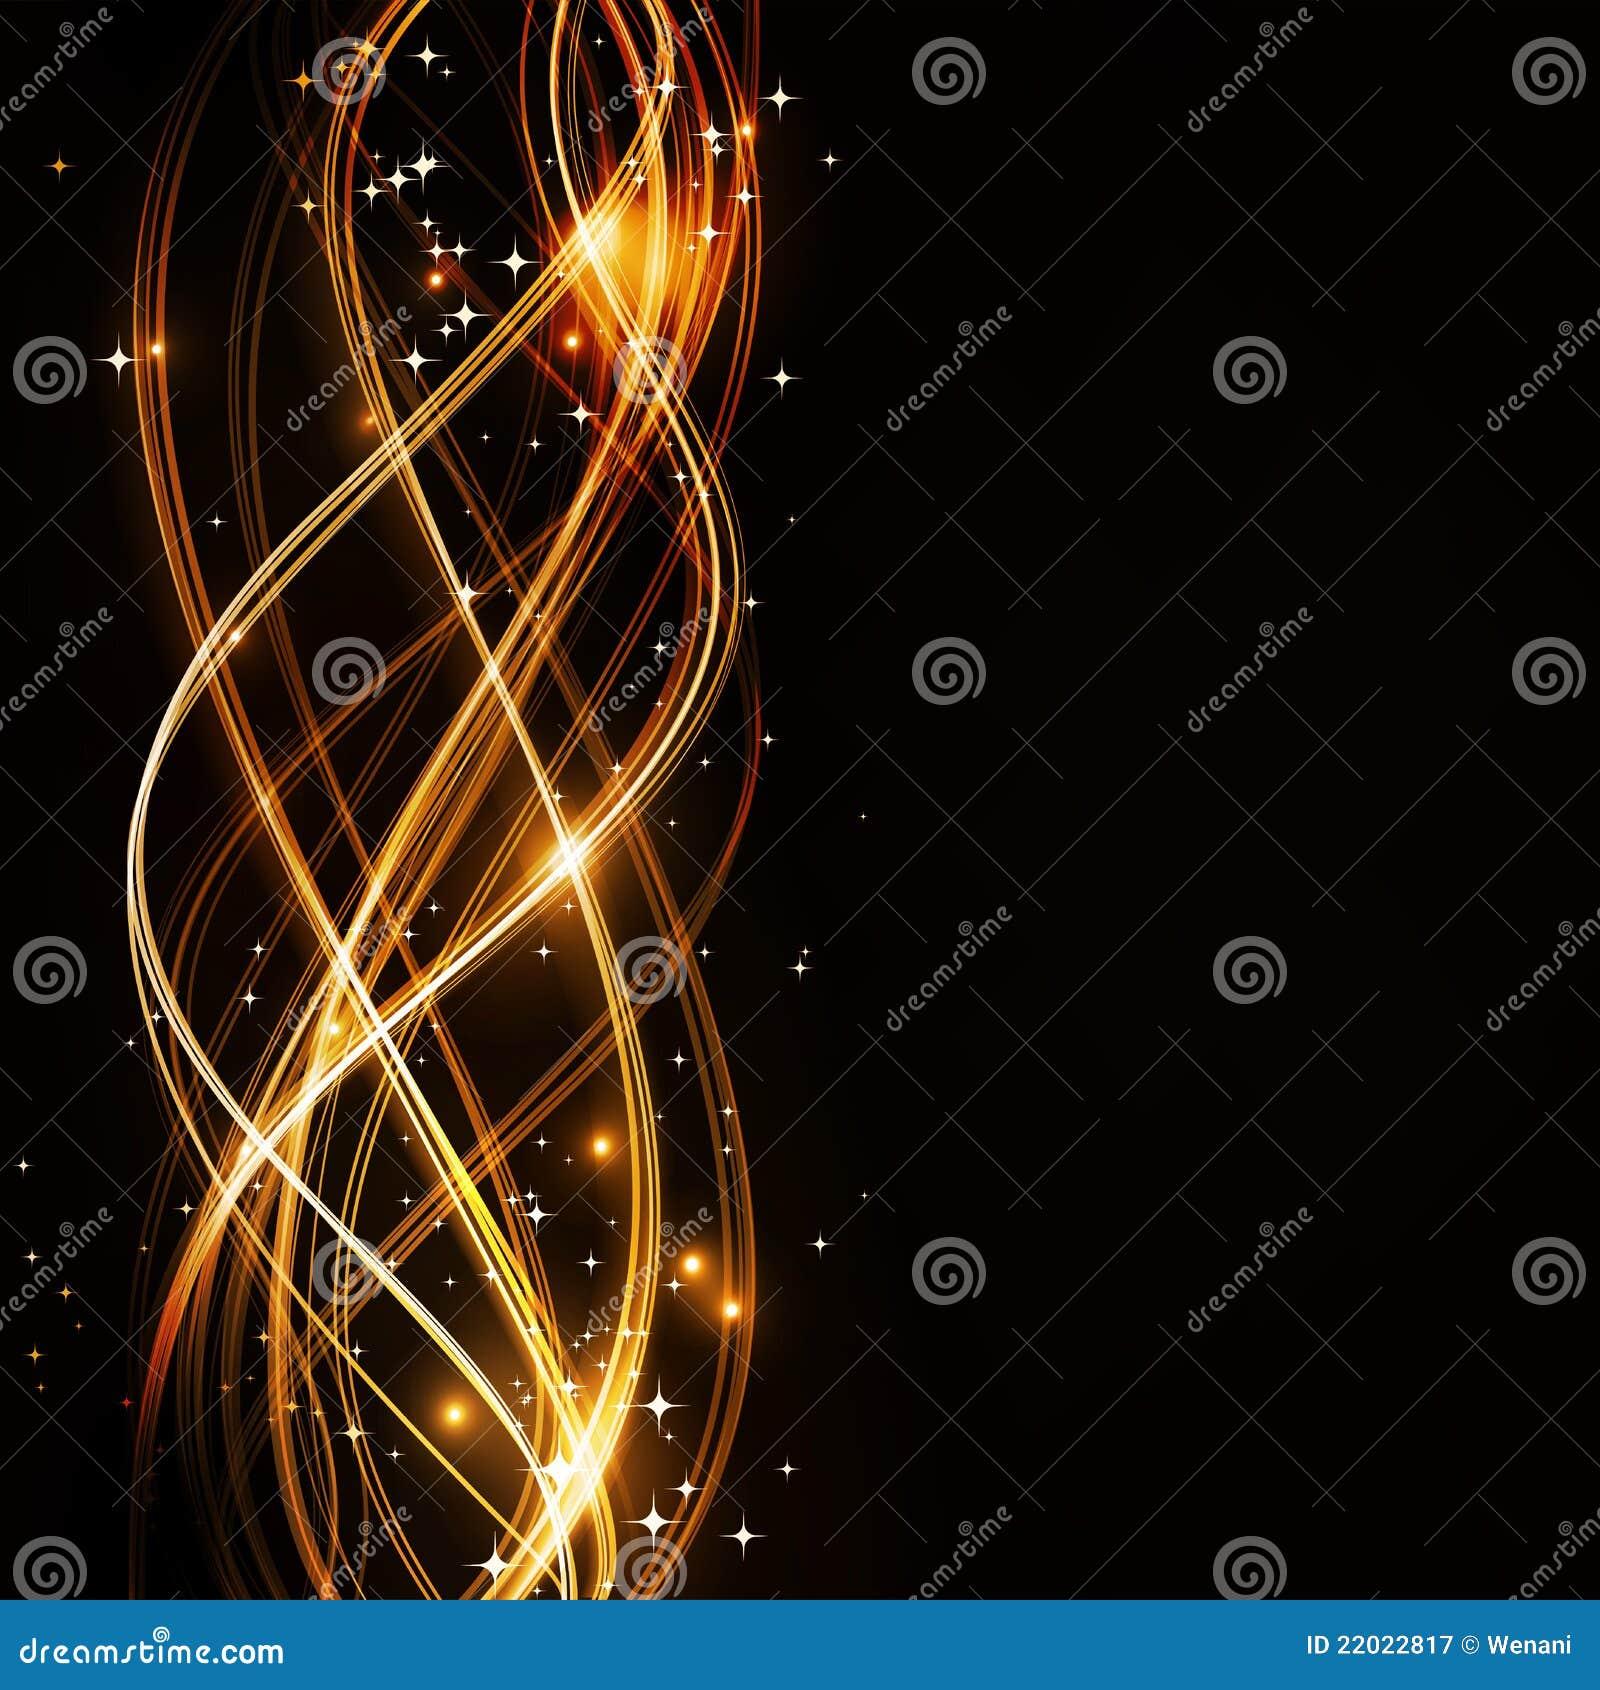 Profil onduleux abstrait avec des étoiles